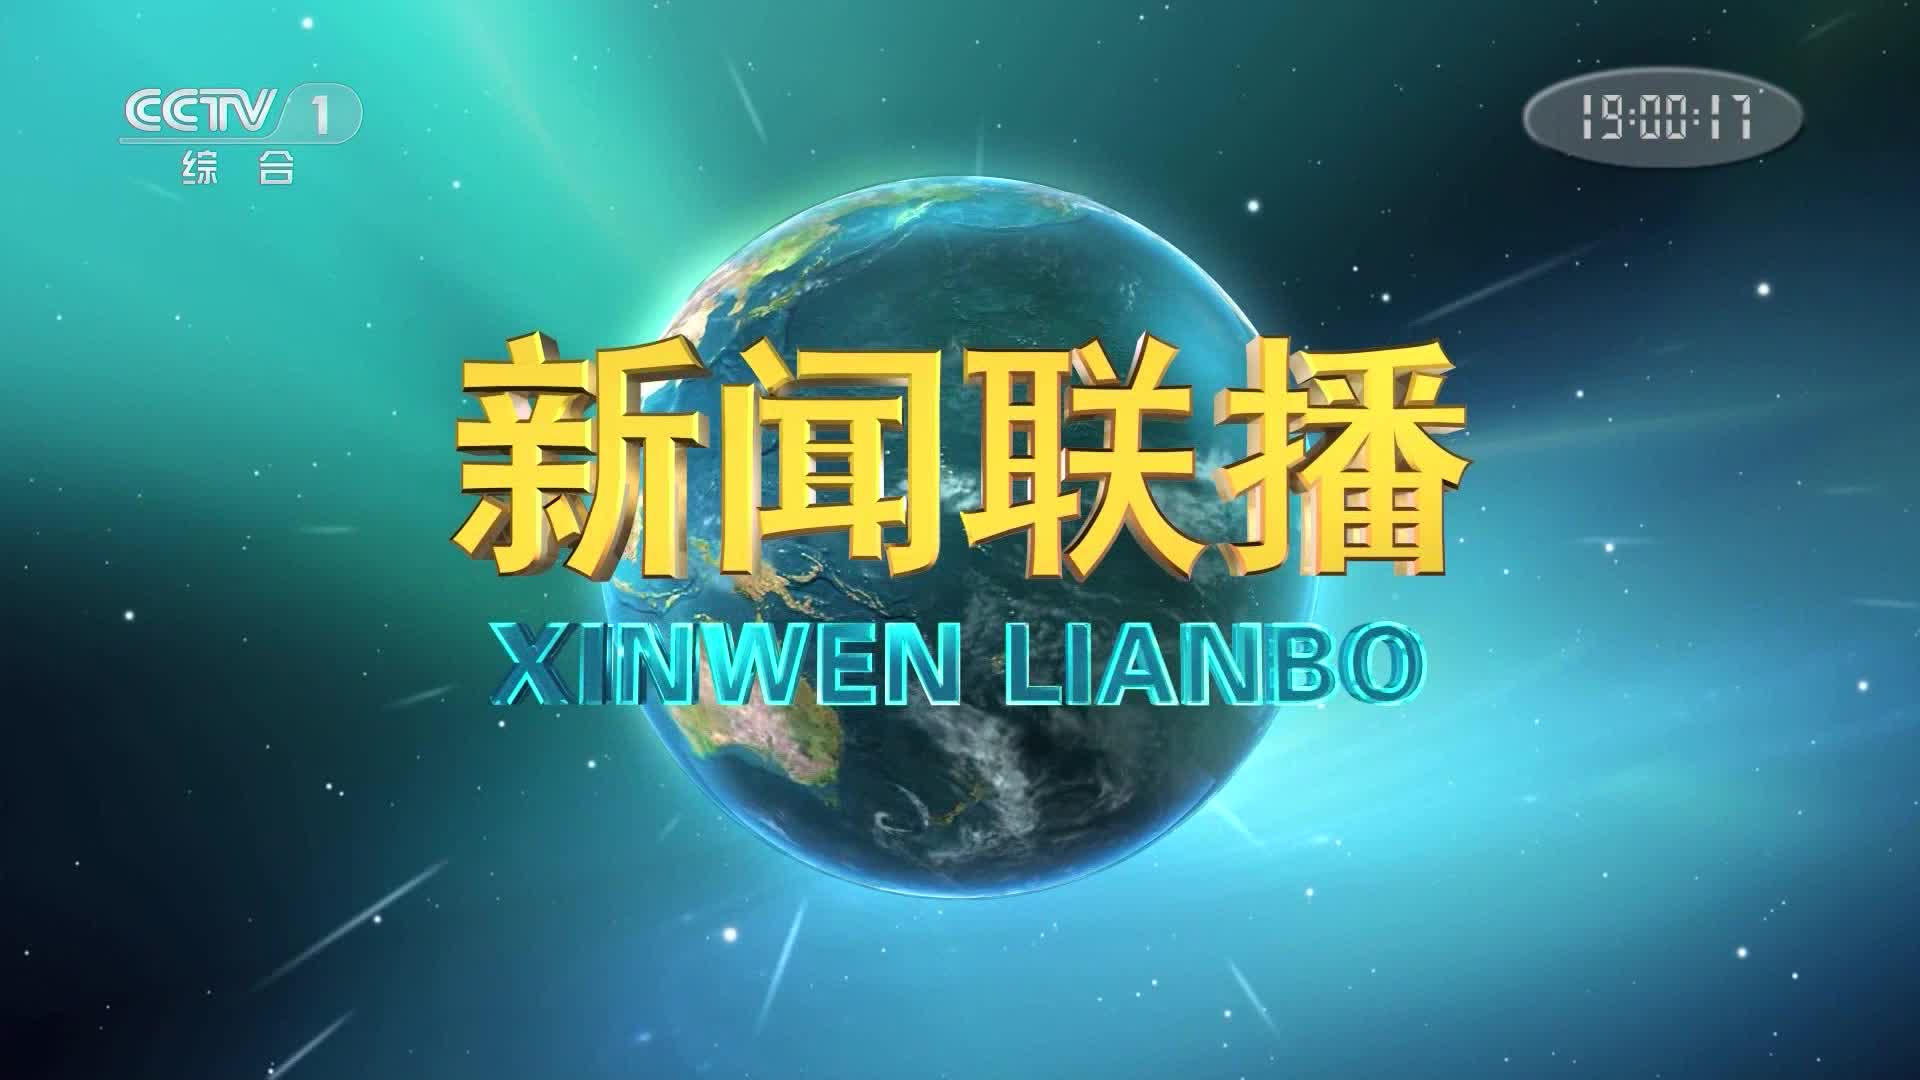 2021年01月29日中央新闻联播完整版